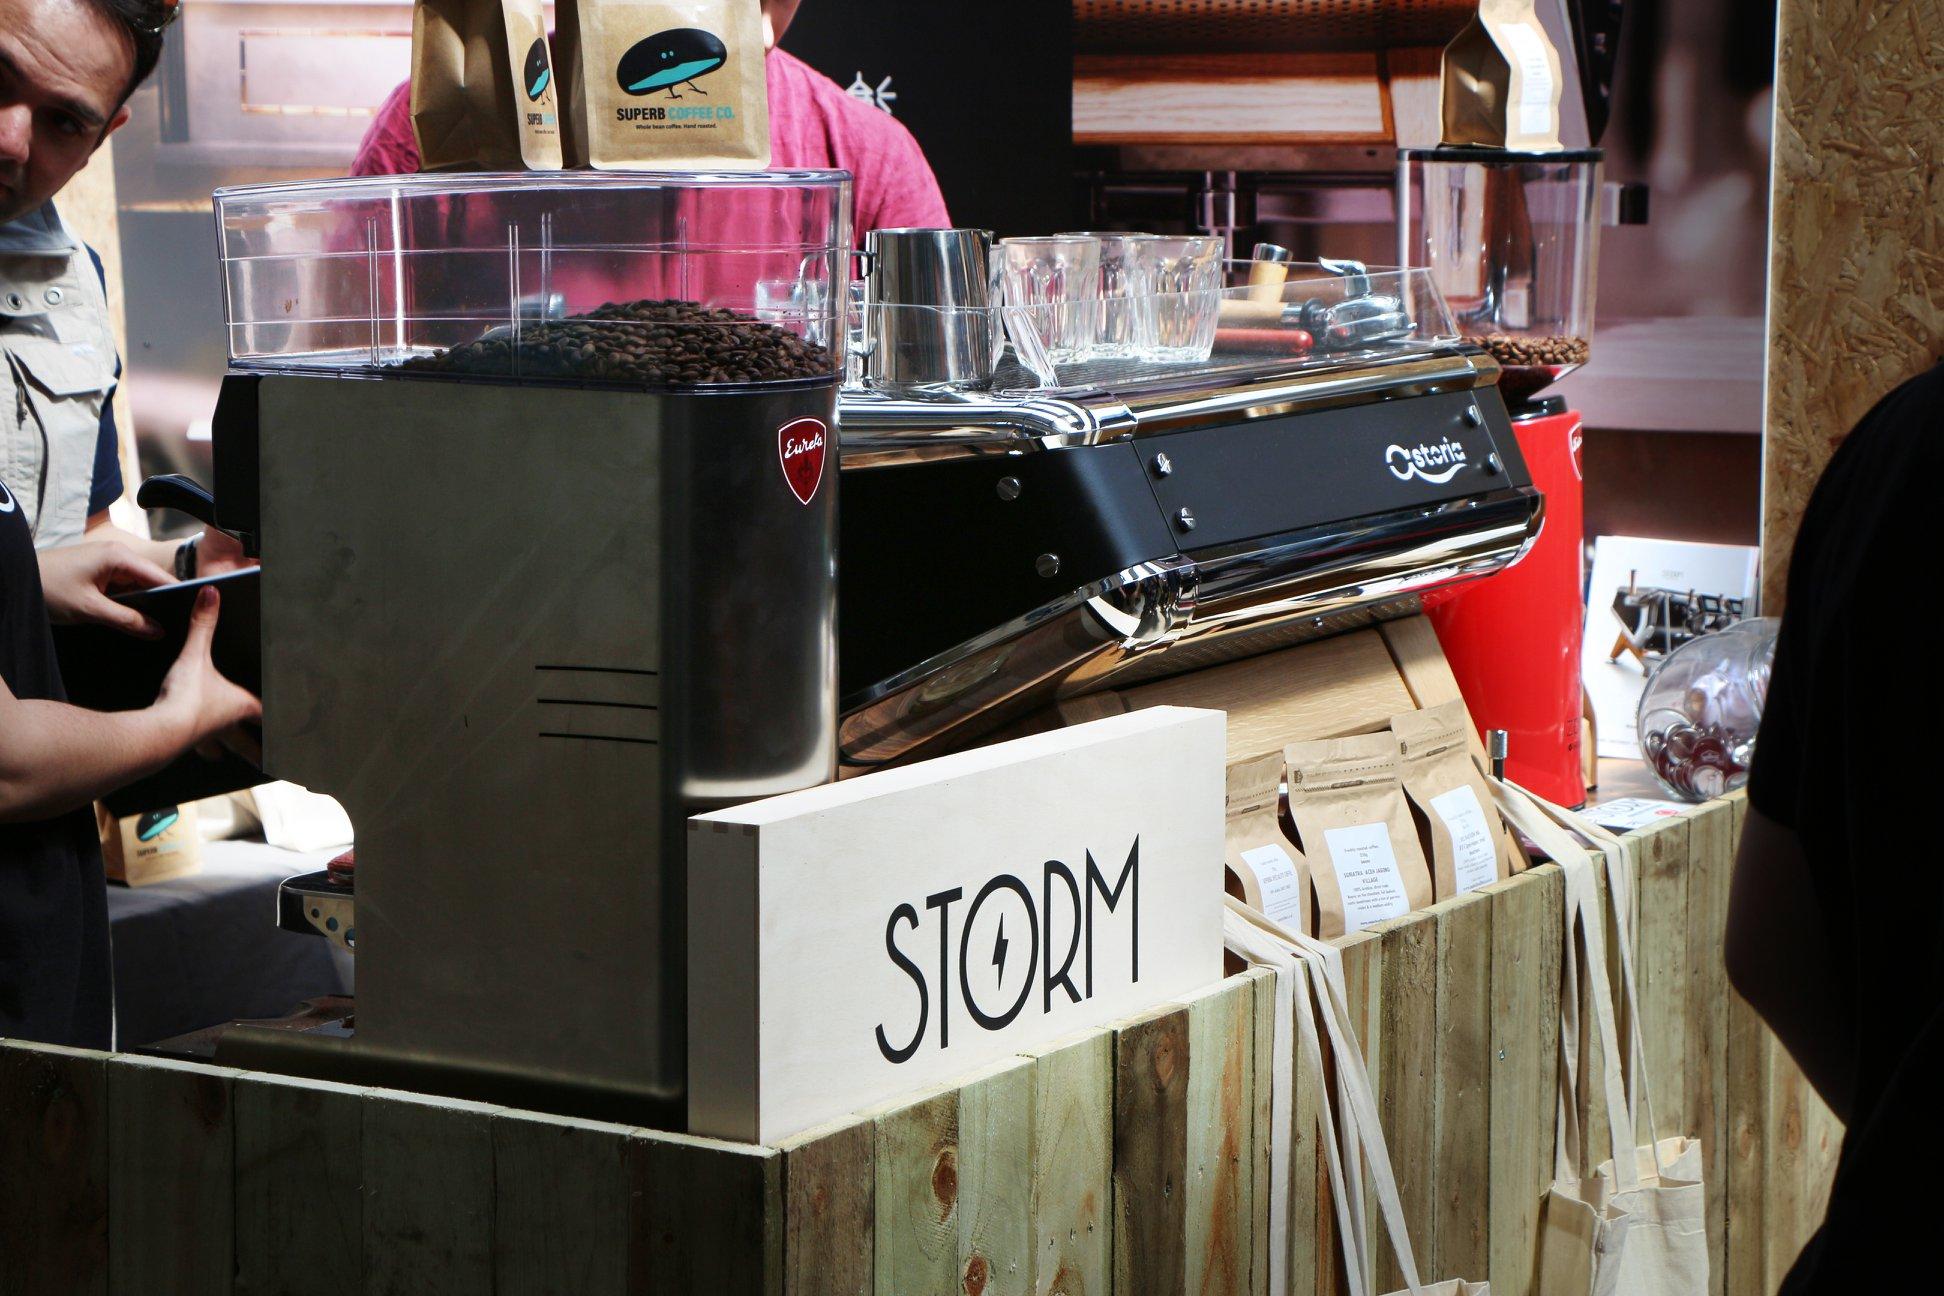 espressoshopstallastoriastormcoffeemachinedemo.jpg